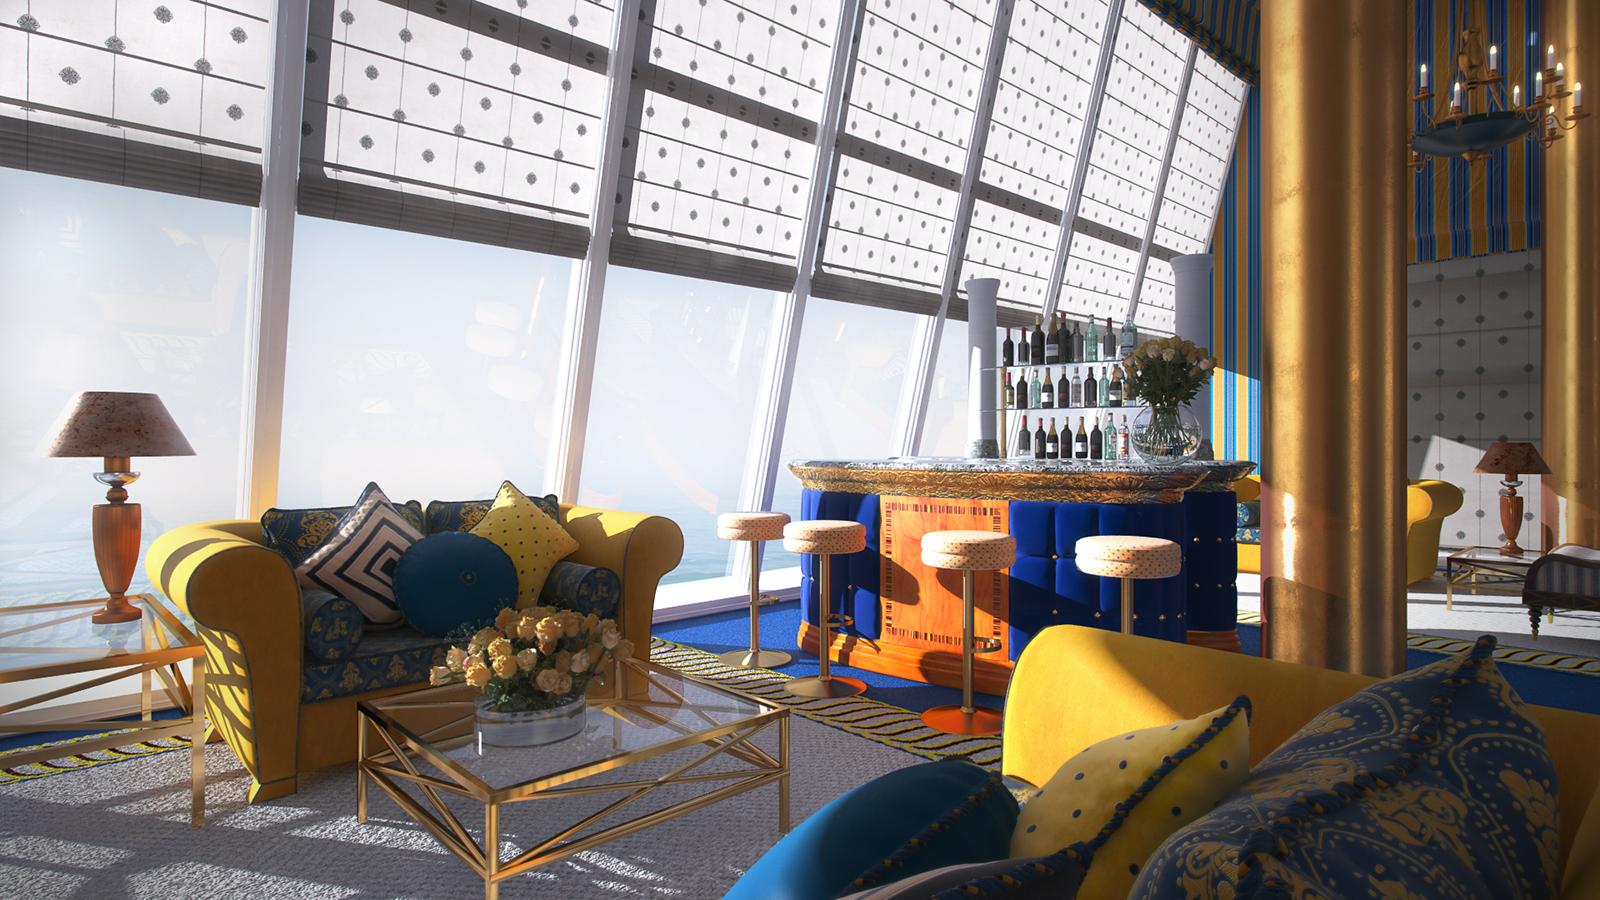 室内场景模型系列 东方风格 场景3